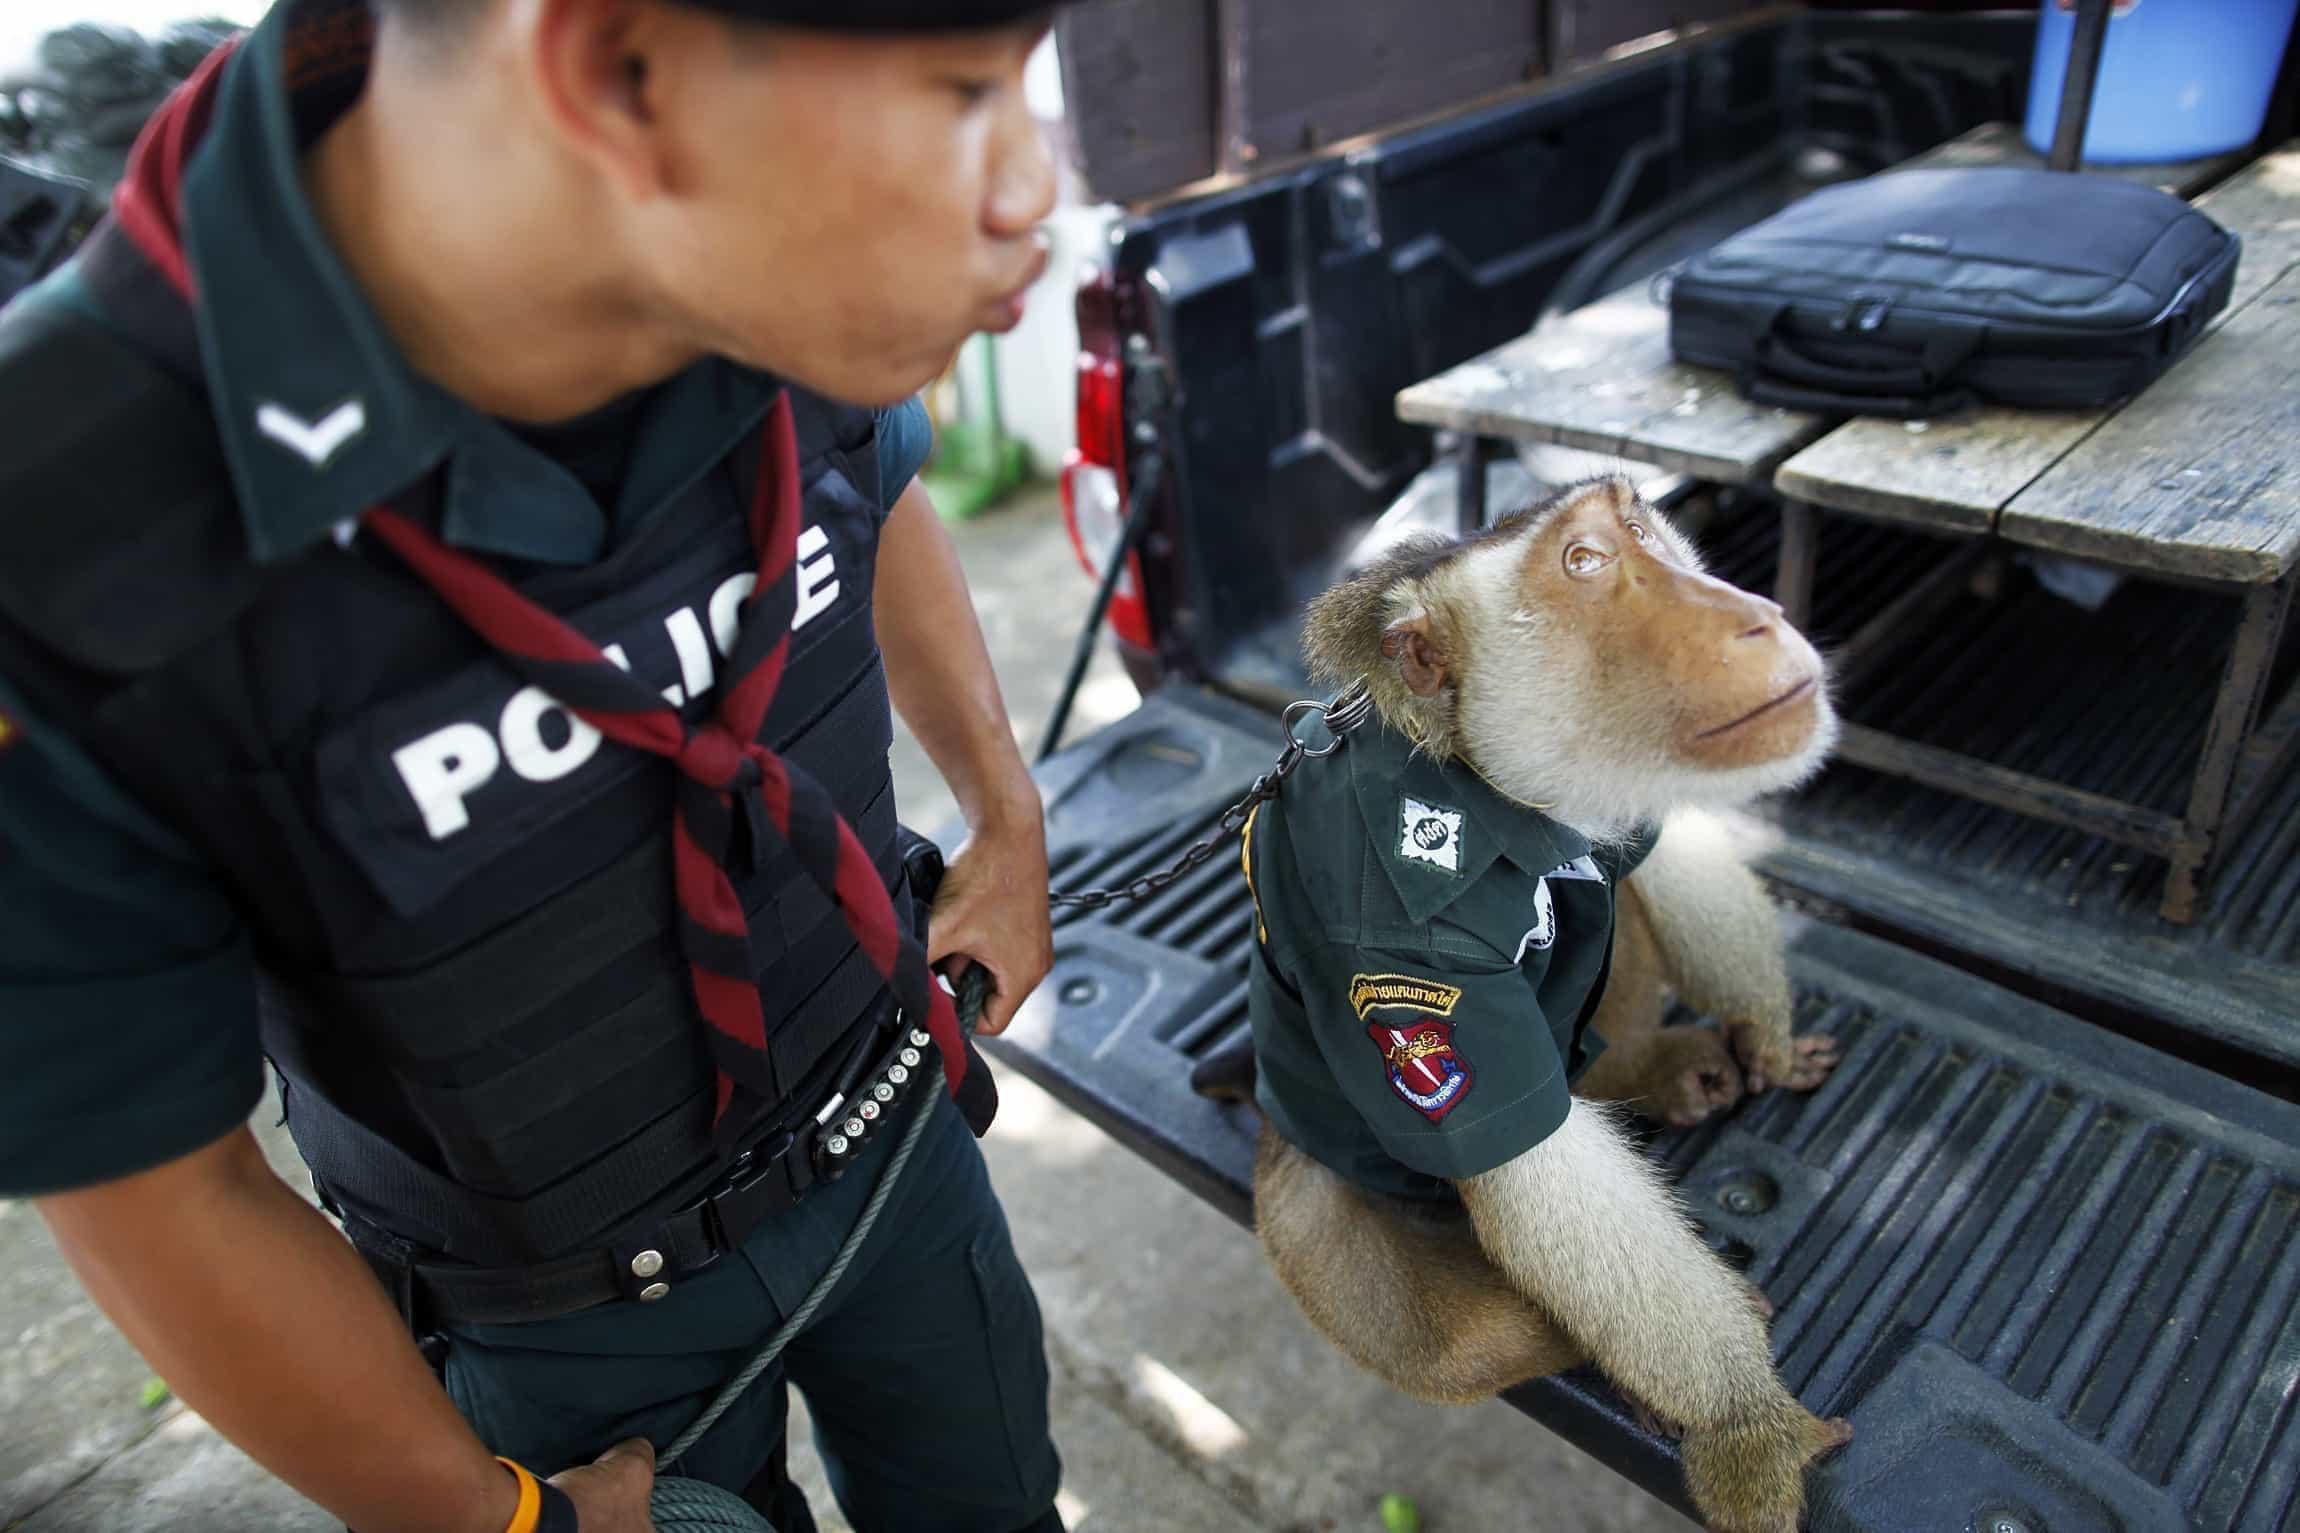 Os fascinantes empregos dos animais